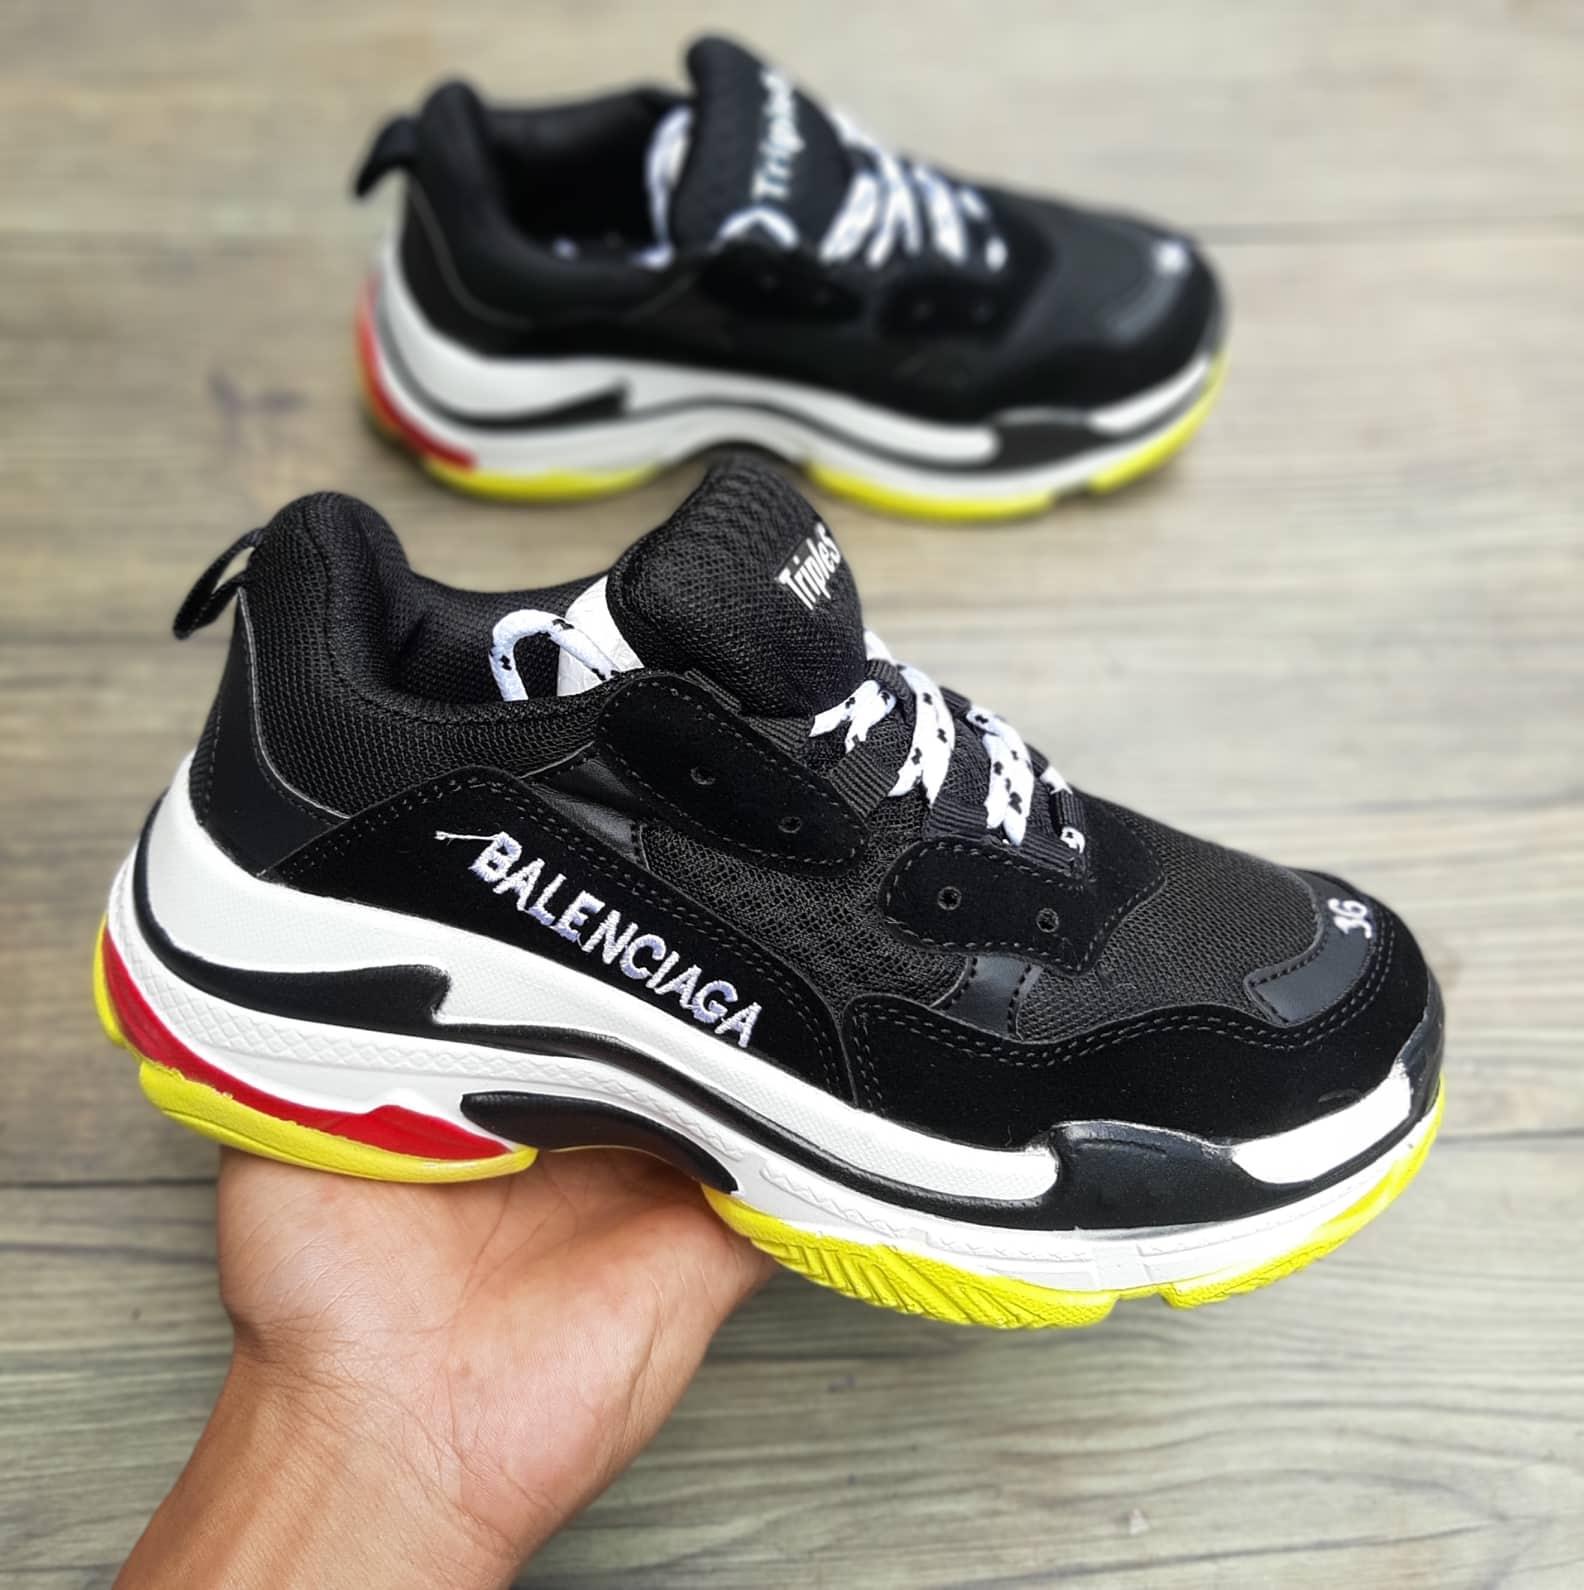 giày thể thao balenciaga đen vàng